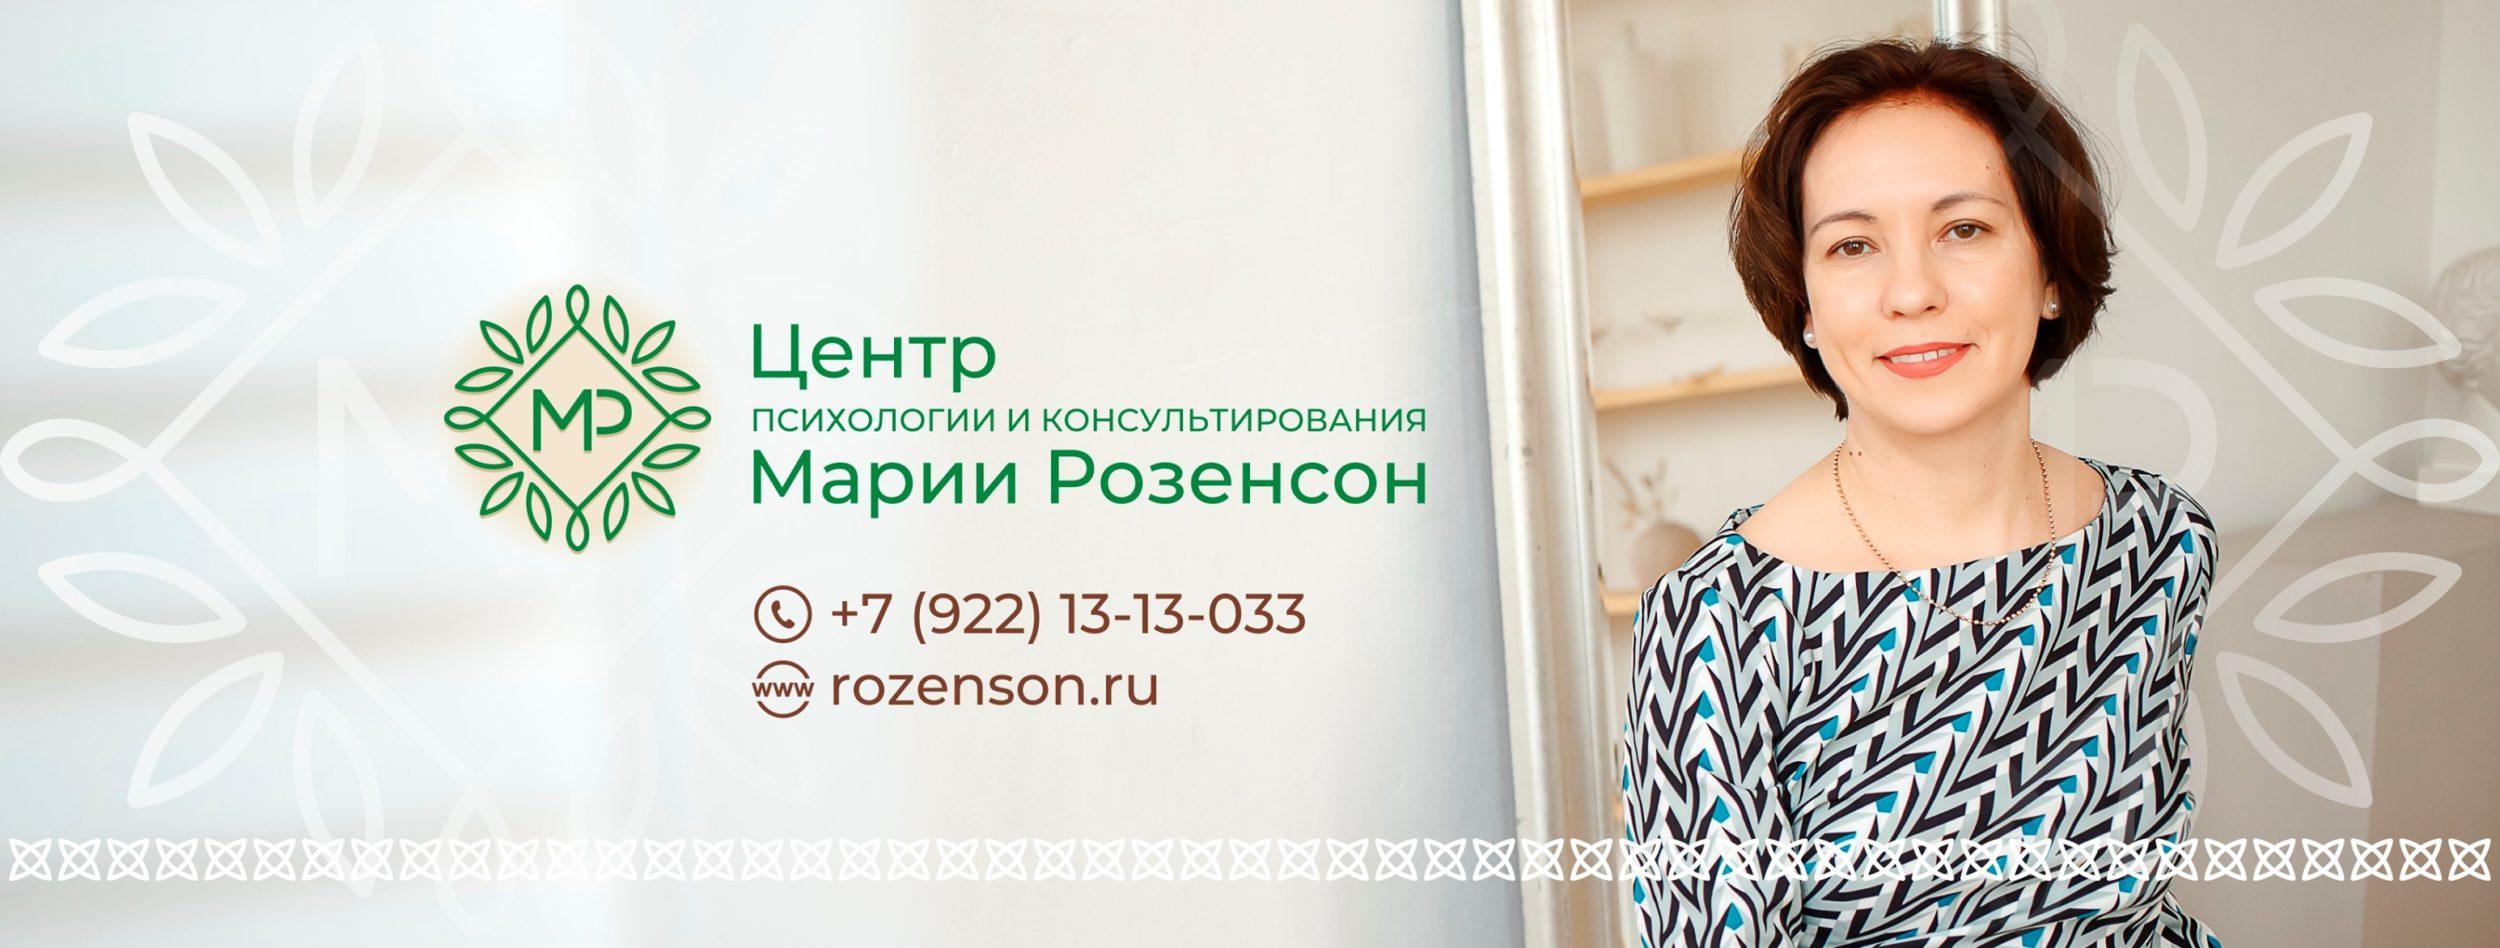 Центр семейной психологии и консультирования Розенсон Марии